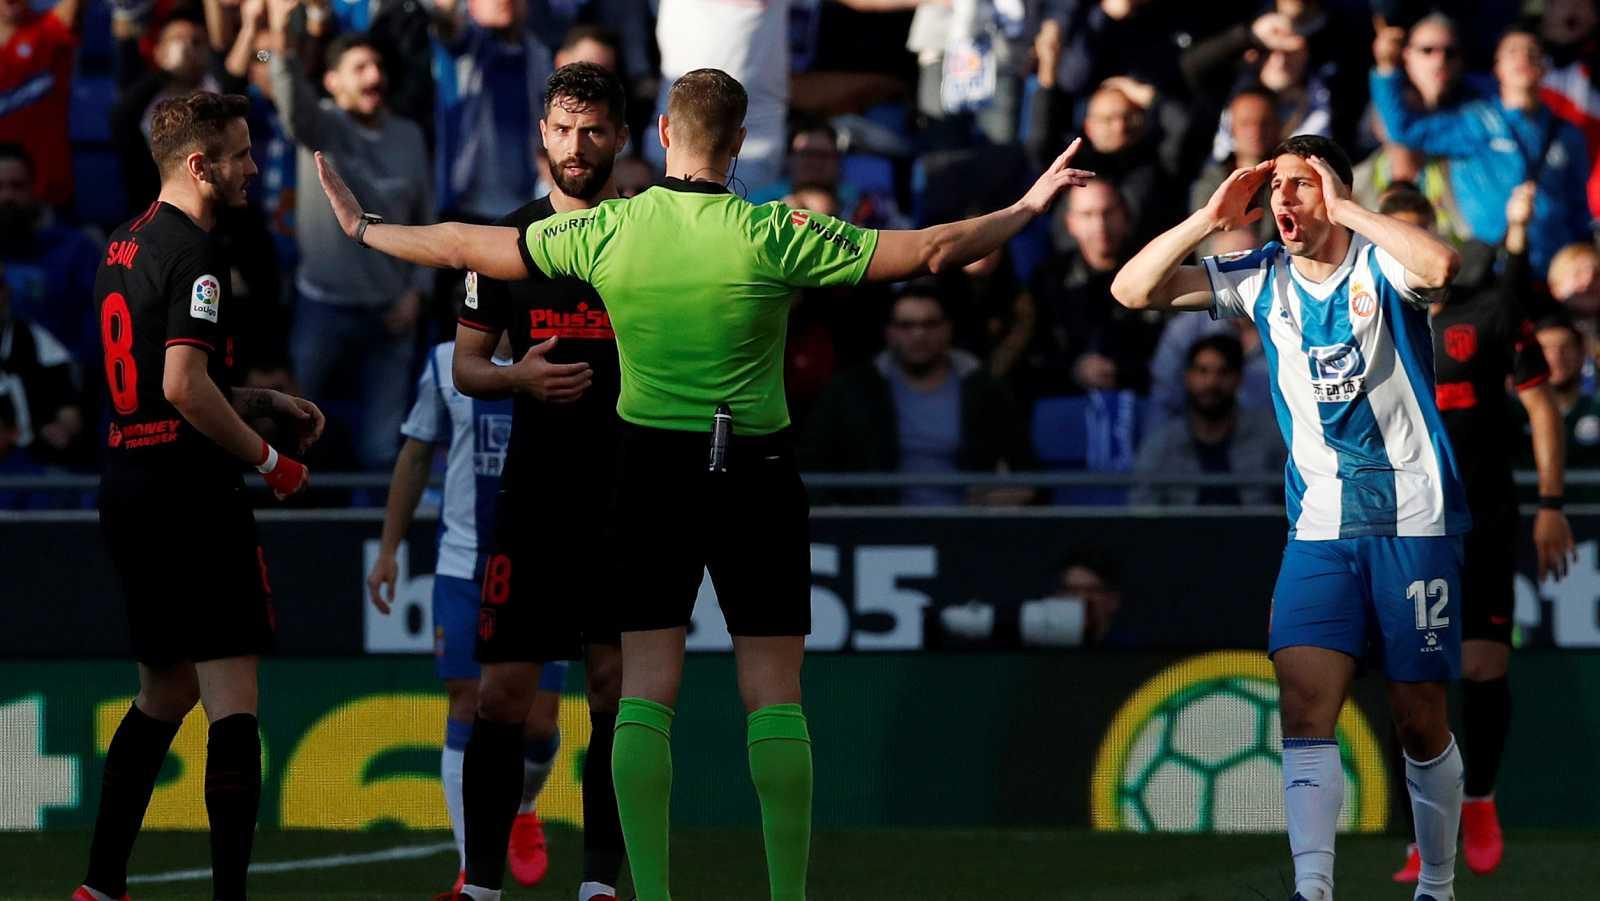 Imagen del encuentro entre el Espanyol y el Atlético de Madrid en la jornada 26 de La Liga